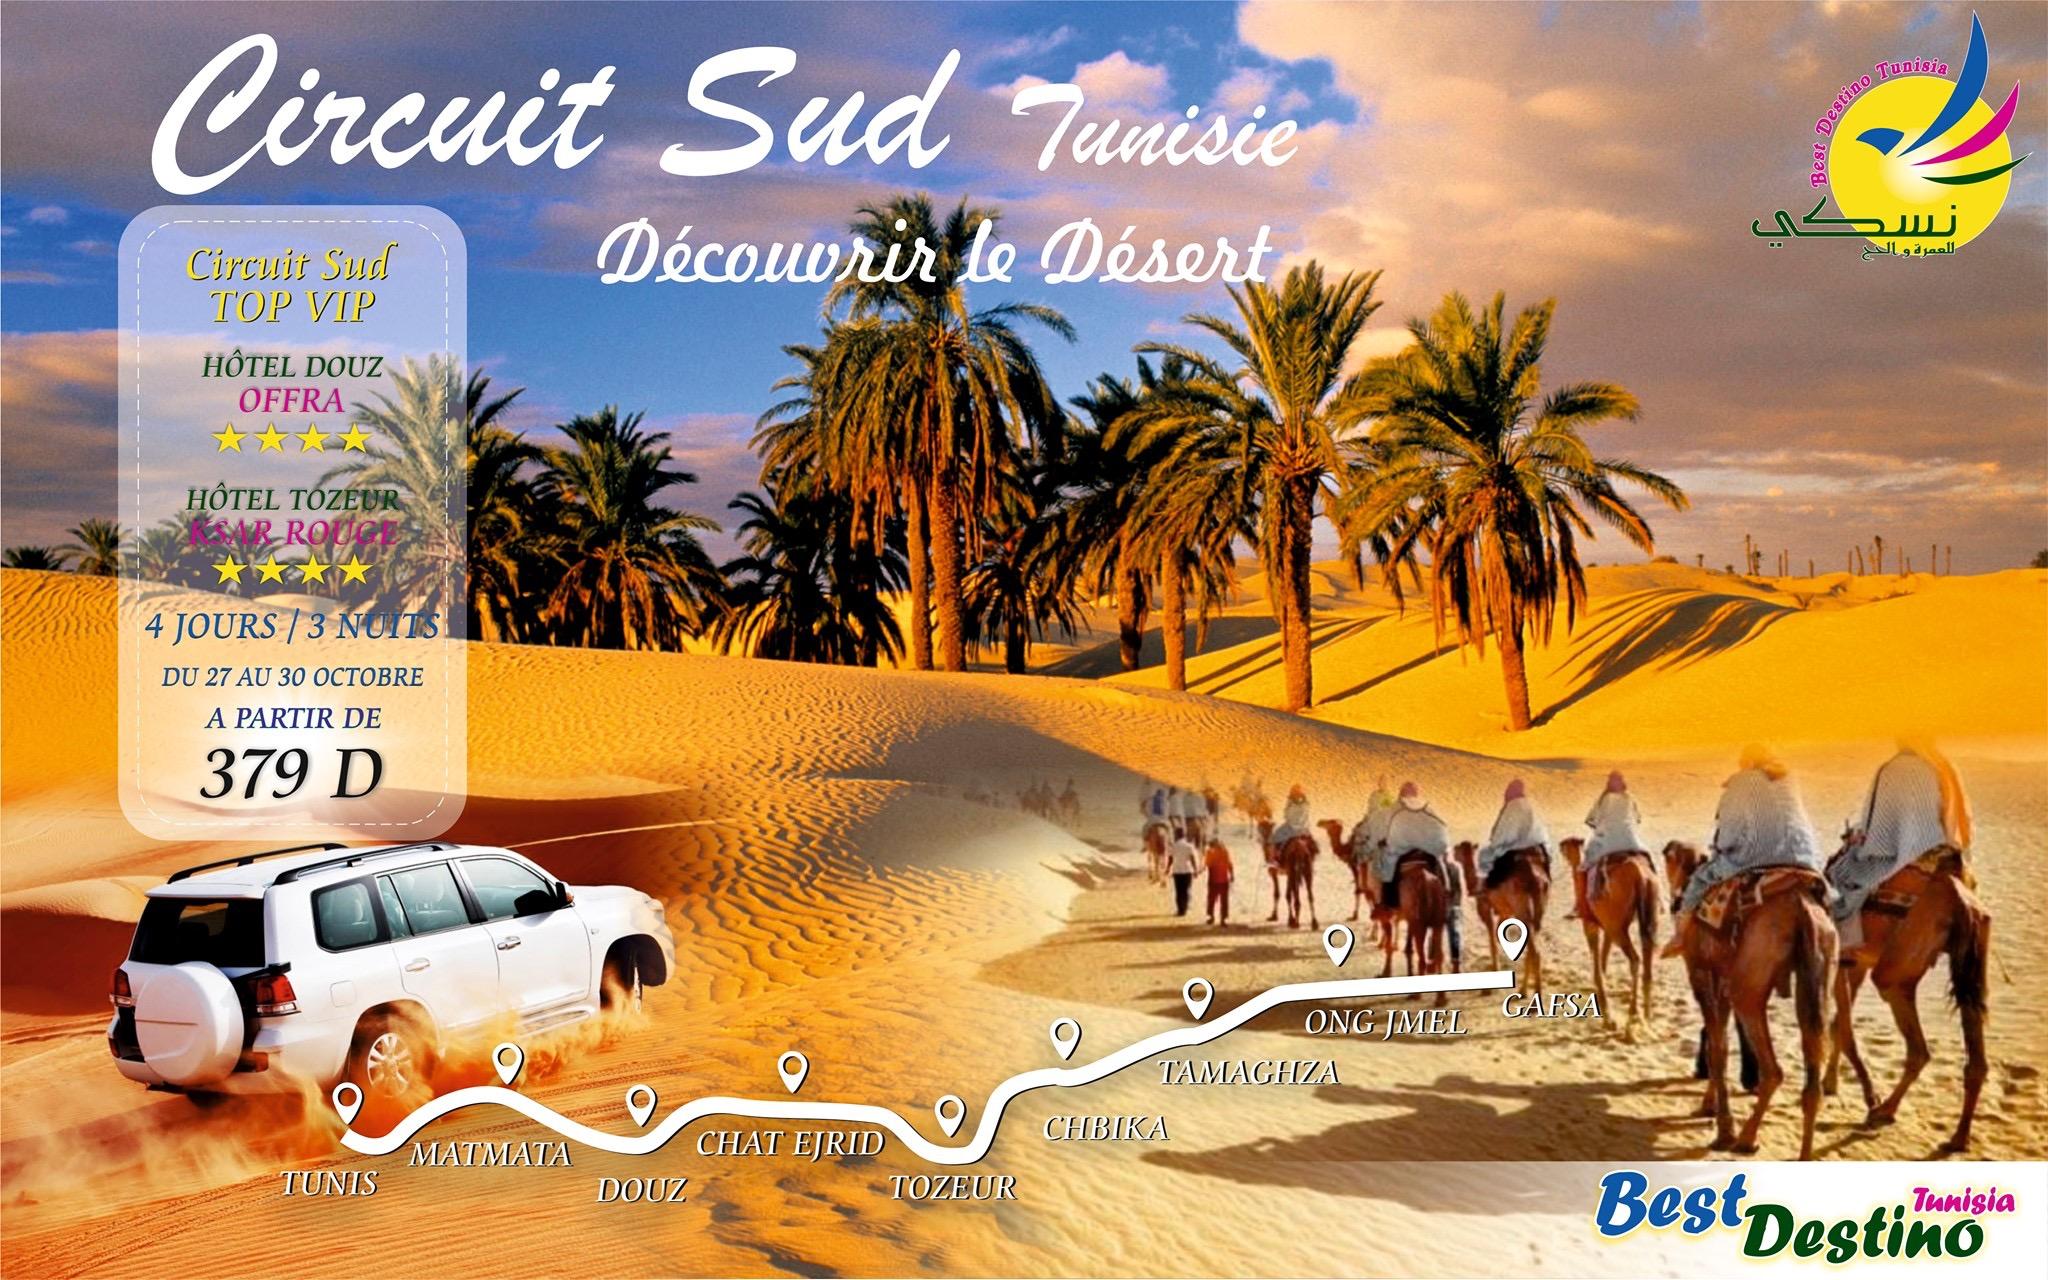 اكتشف معانا سحر الجنوب التونسي و عدي 4 أيام ولا في الأحلام